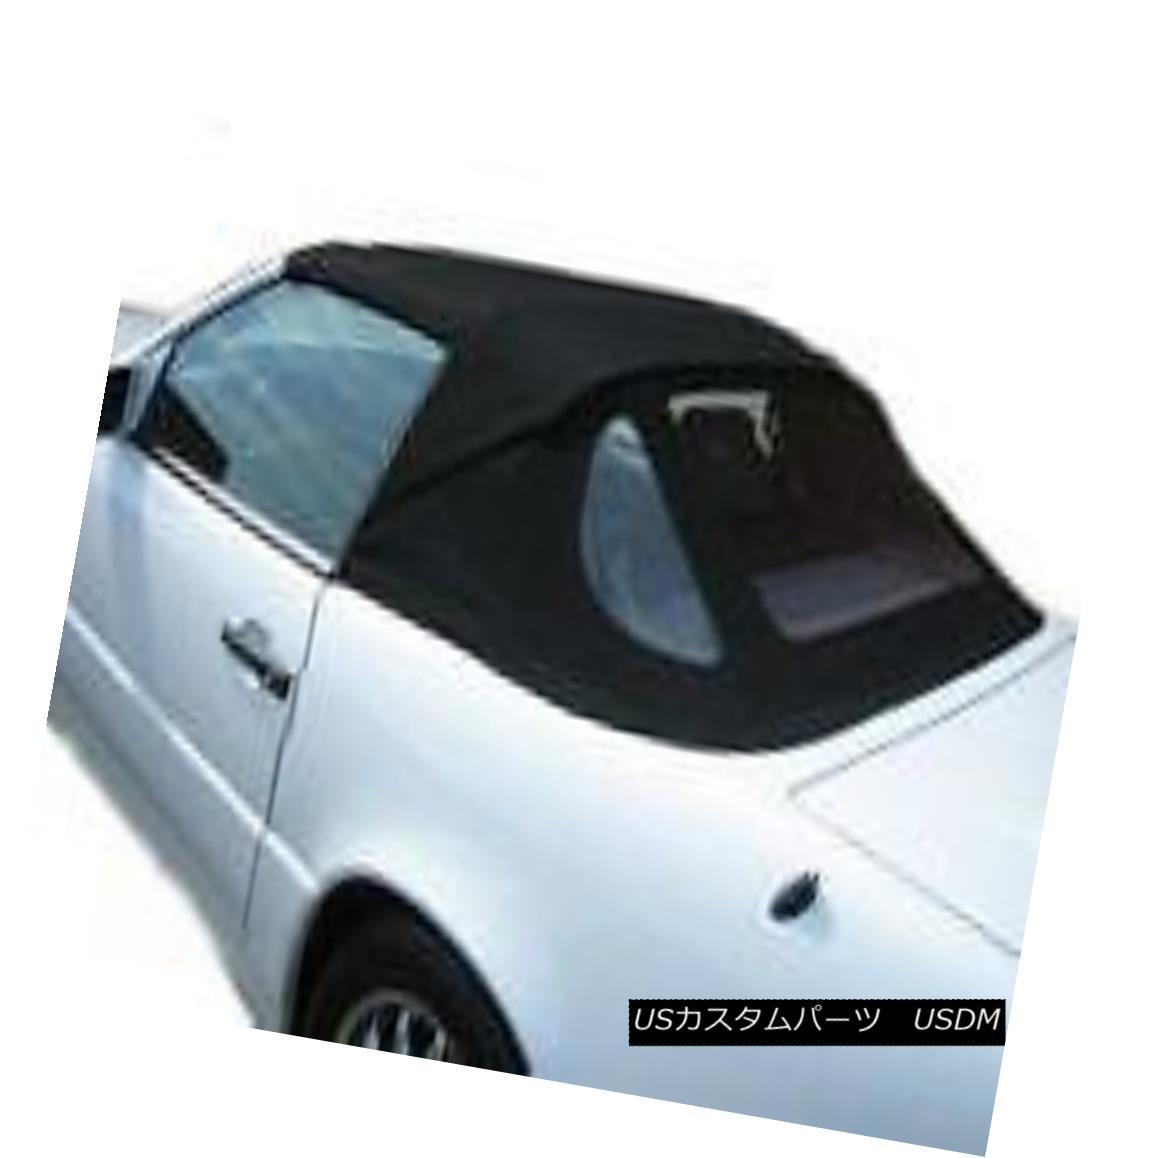 幌・ソフトトップ 1990-2000 MERCEDES Convertible Soft Top 600SL 300SL 1990-2000 MERCEDESソフトトップ600SL 300SL